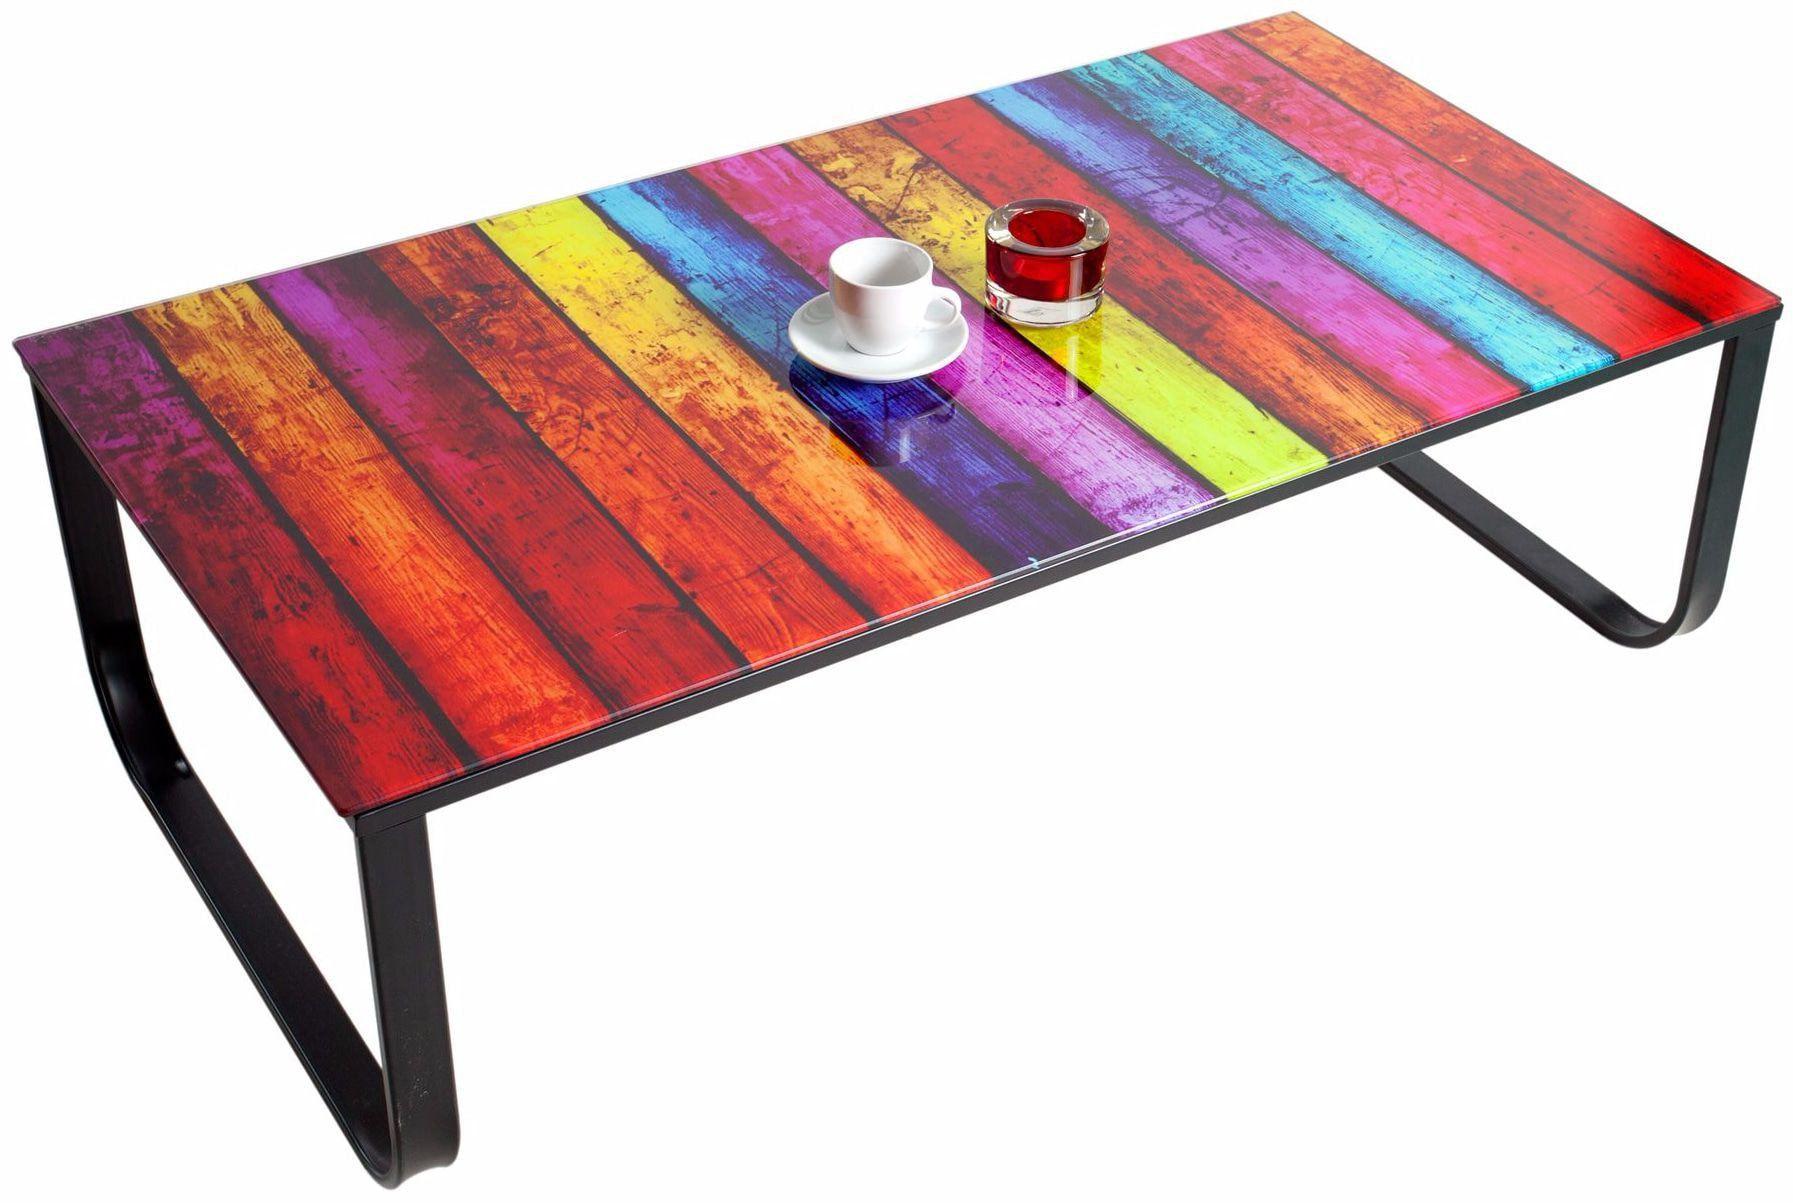 Table basse en verre multicolore mobilier design d coration d 39 int rieur - Deco table multicolore ...